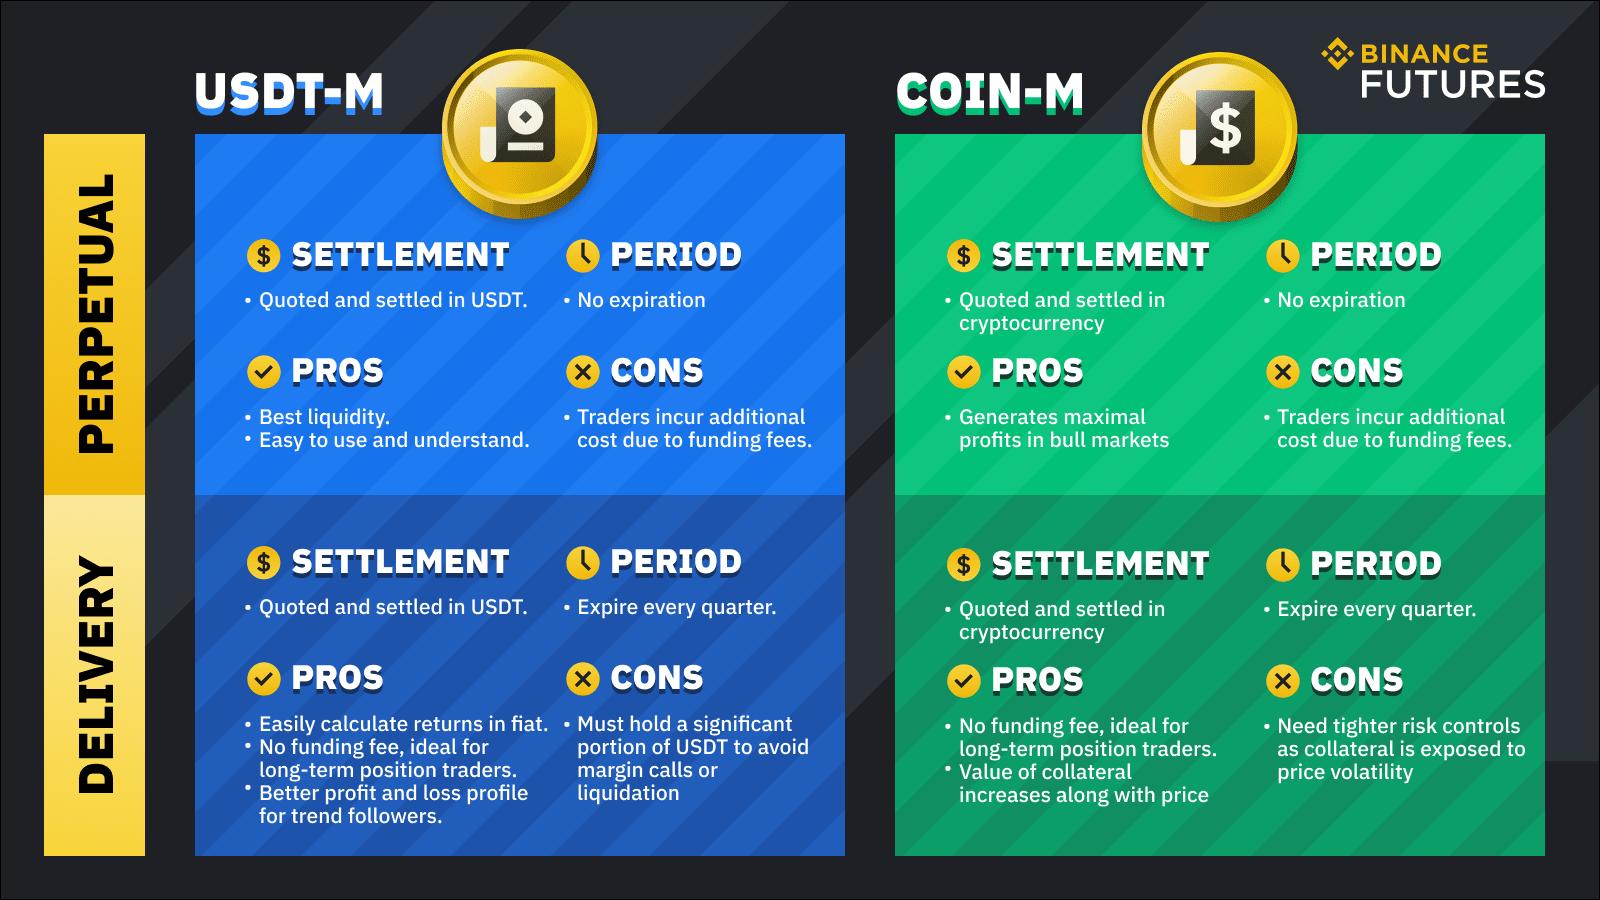 Come fare trading in Bitcoin (principianti): funzionamento e opinioni